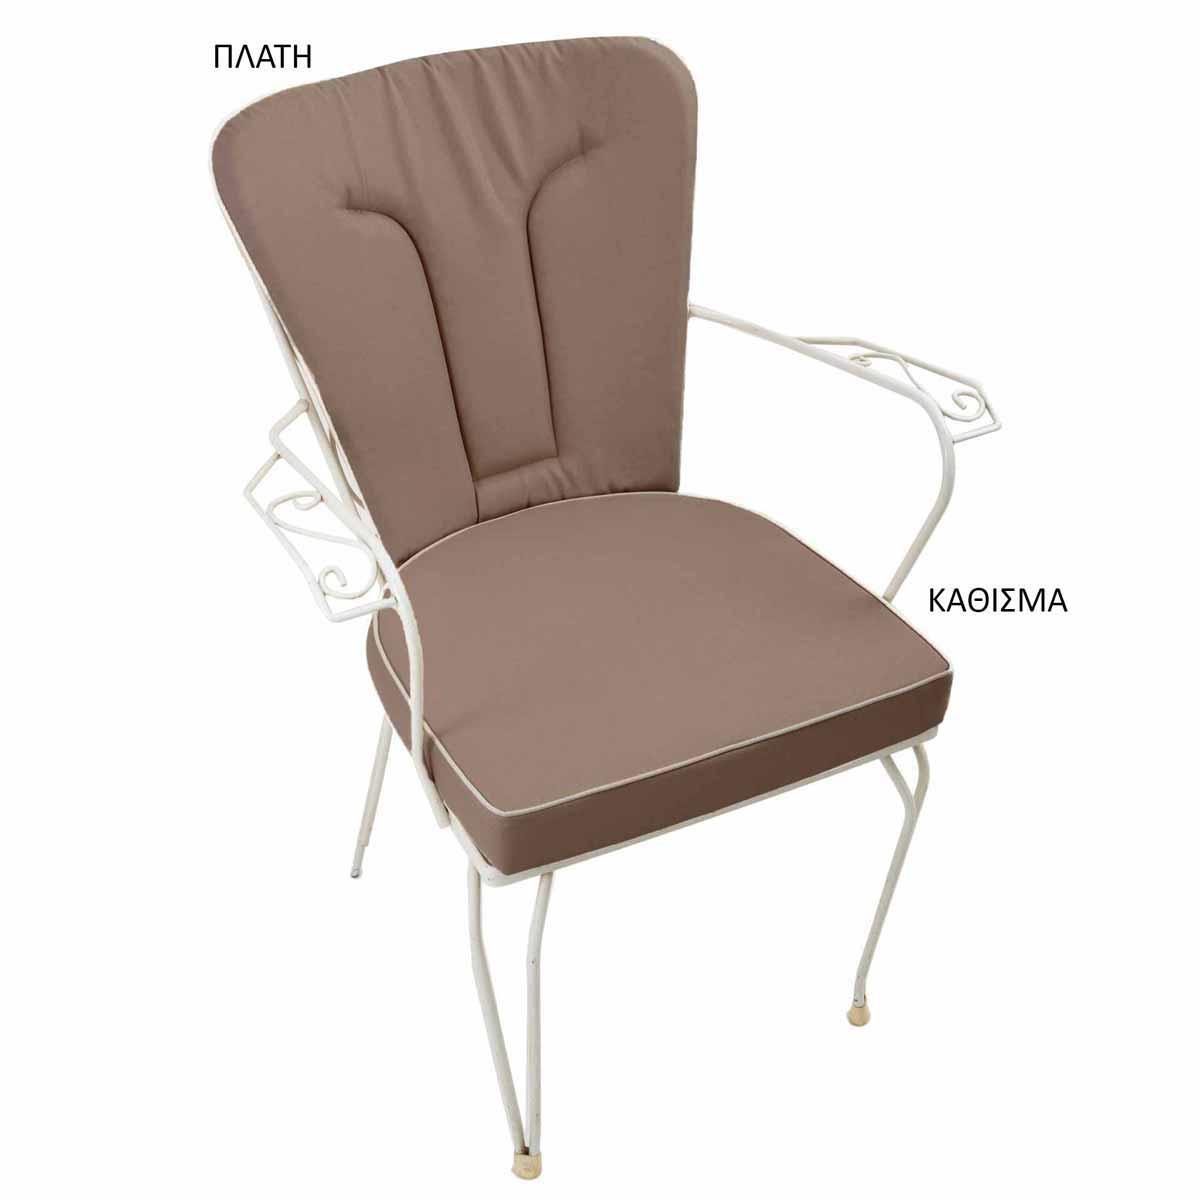 Μαξιλάρι Καθίσματος Φερ Φορζέ Be Comfy Brown 806